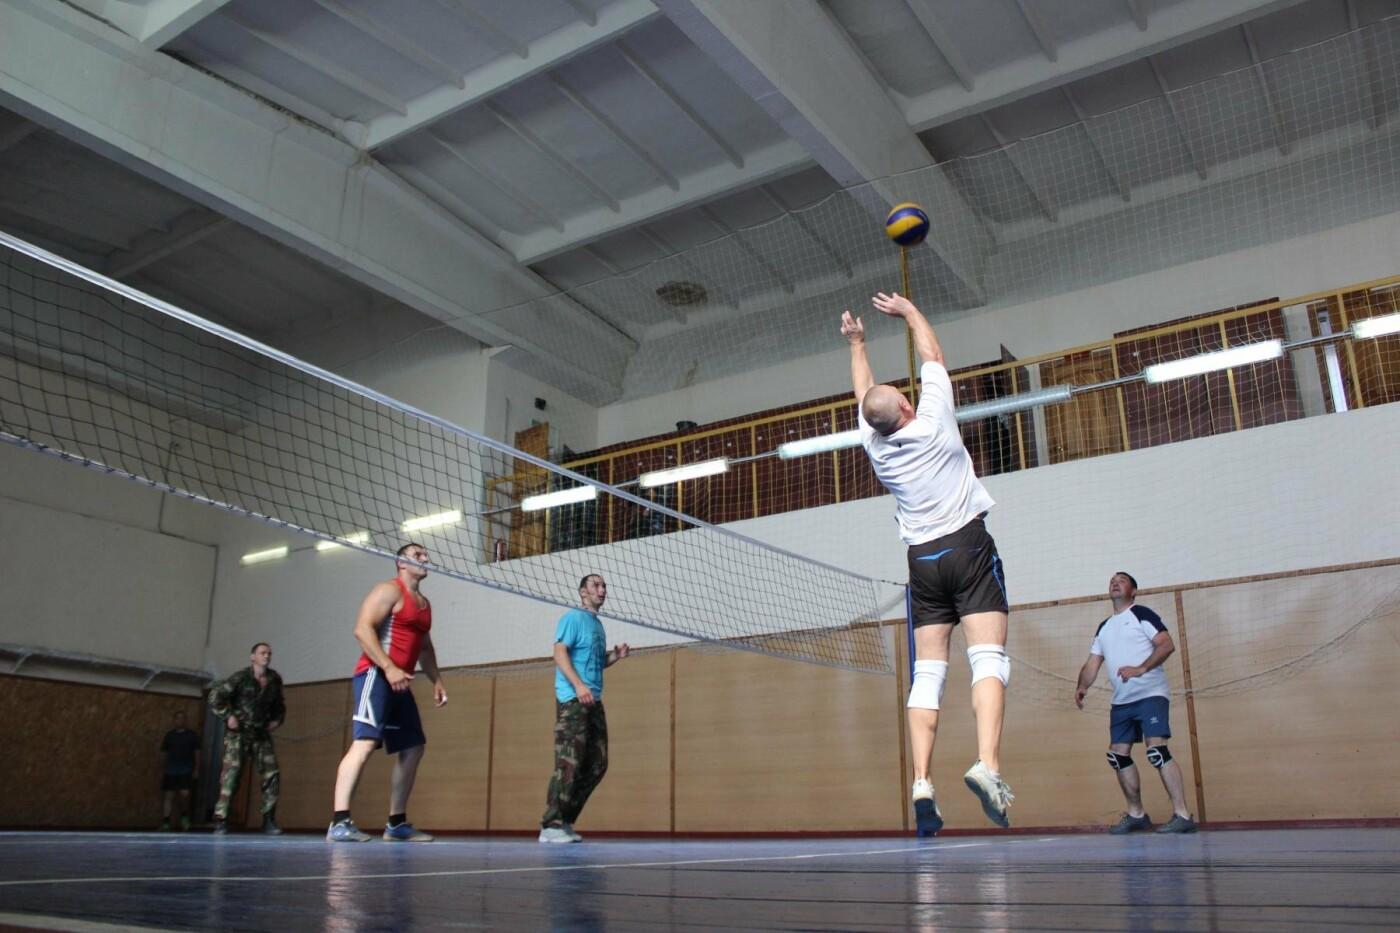 В Отделе Росгвардии по Псковской области прошел турнир по волейболу, фото-1